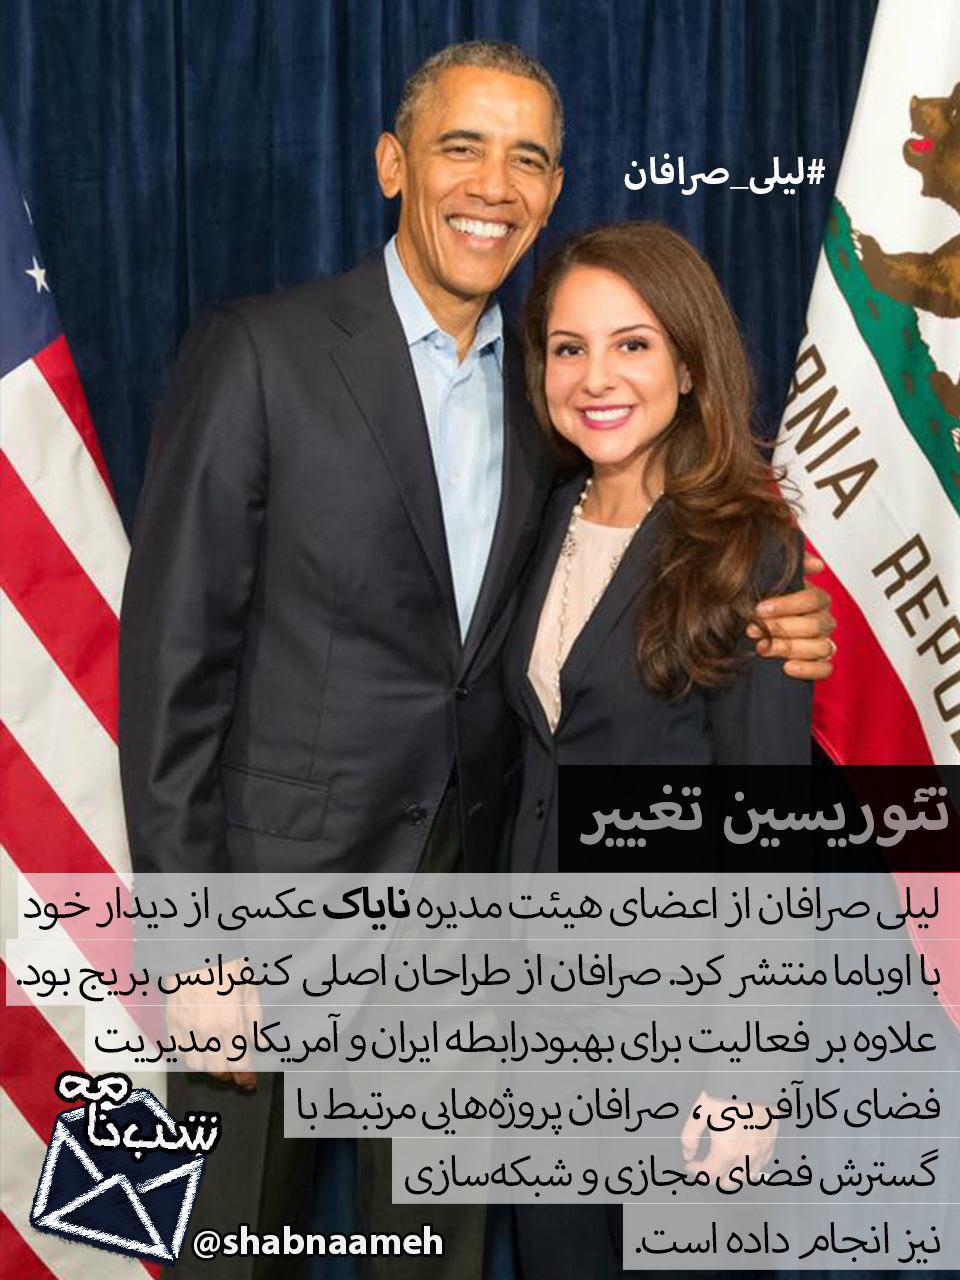 پشتپرده دیدار اوباما با زن ایرانی +عکس